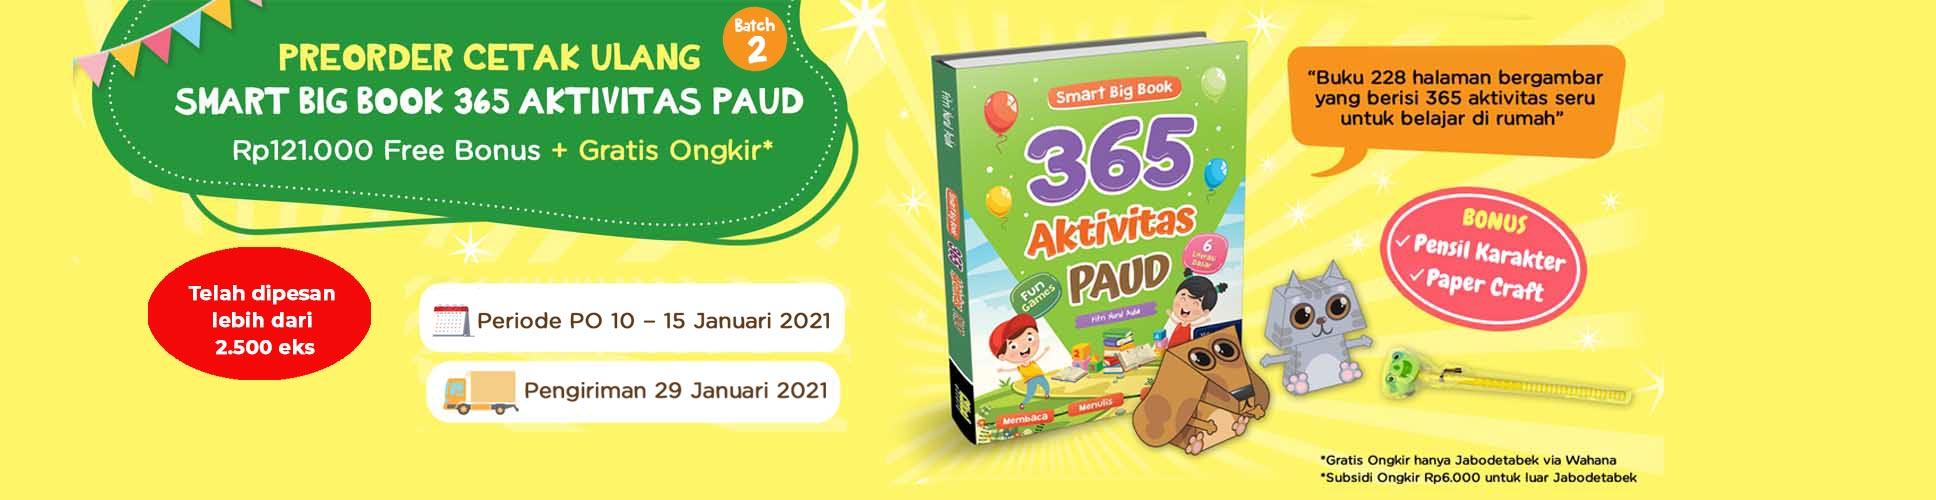 Slide Banner PreOrder Cetak Ulang Smart Big Book 365 Aktivitas PAUD